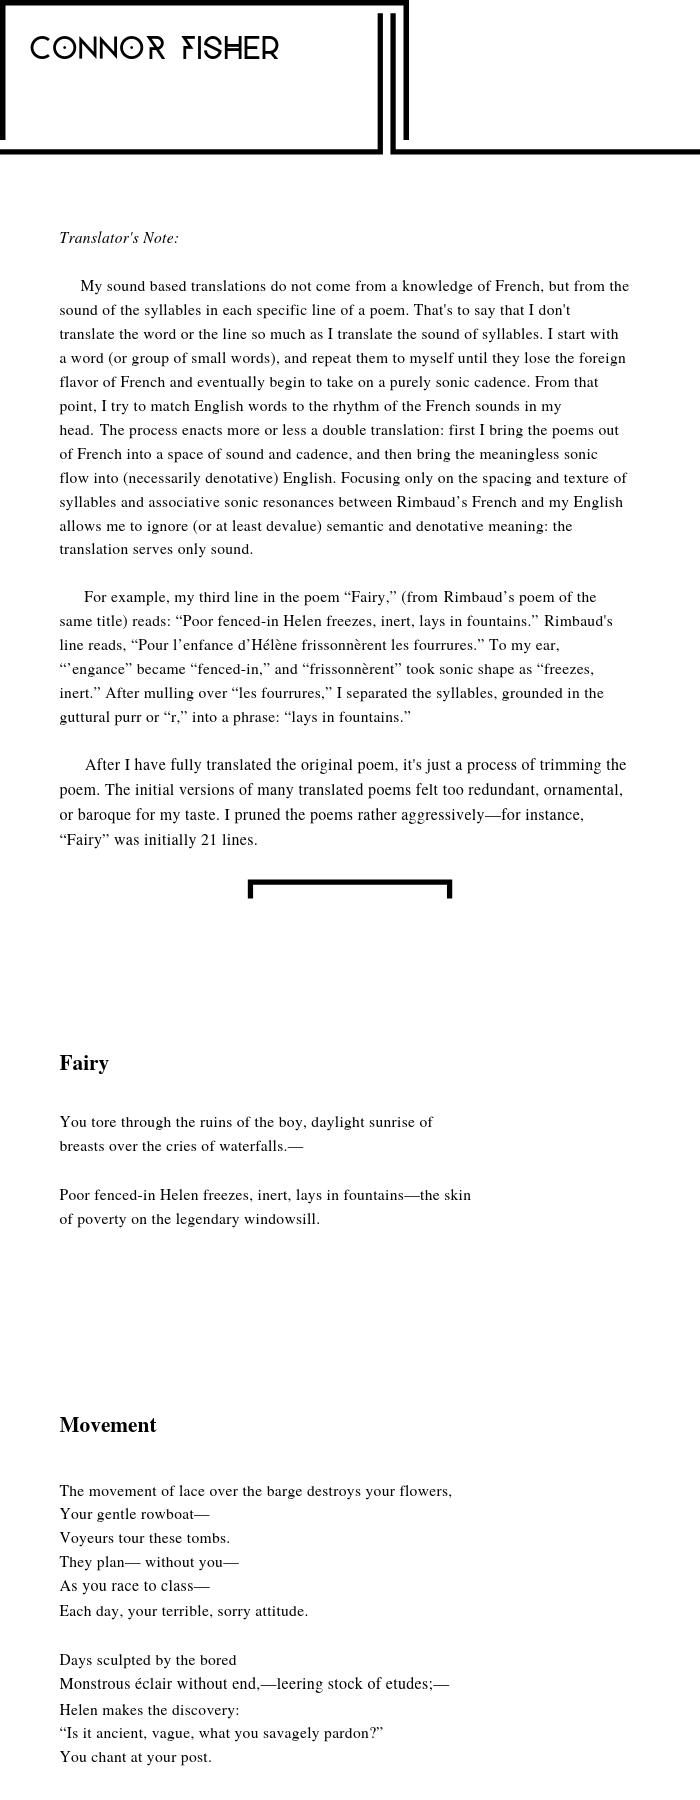 PROOF_Ed11_C.Fischer_Draft (1).png